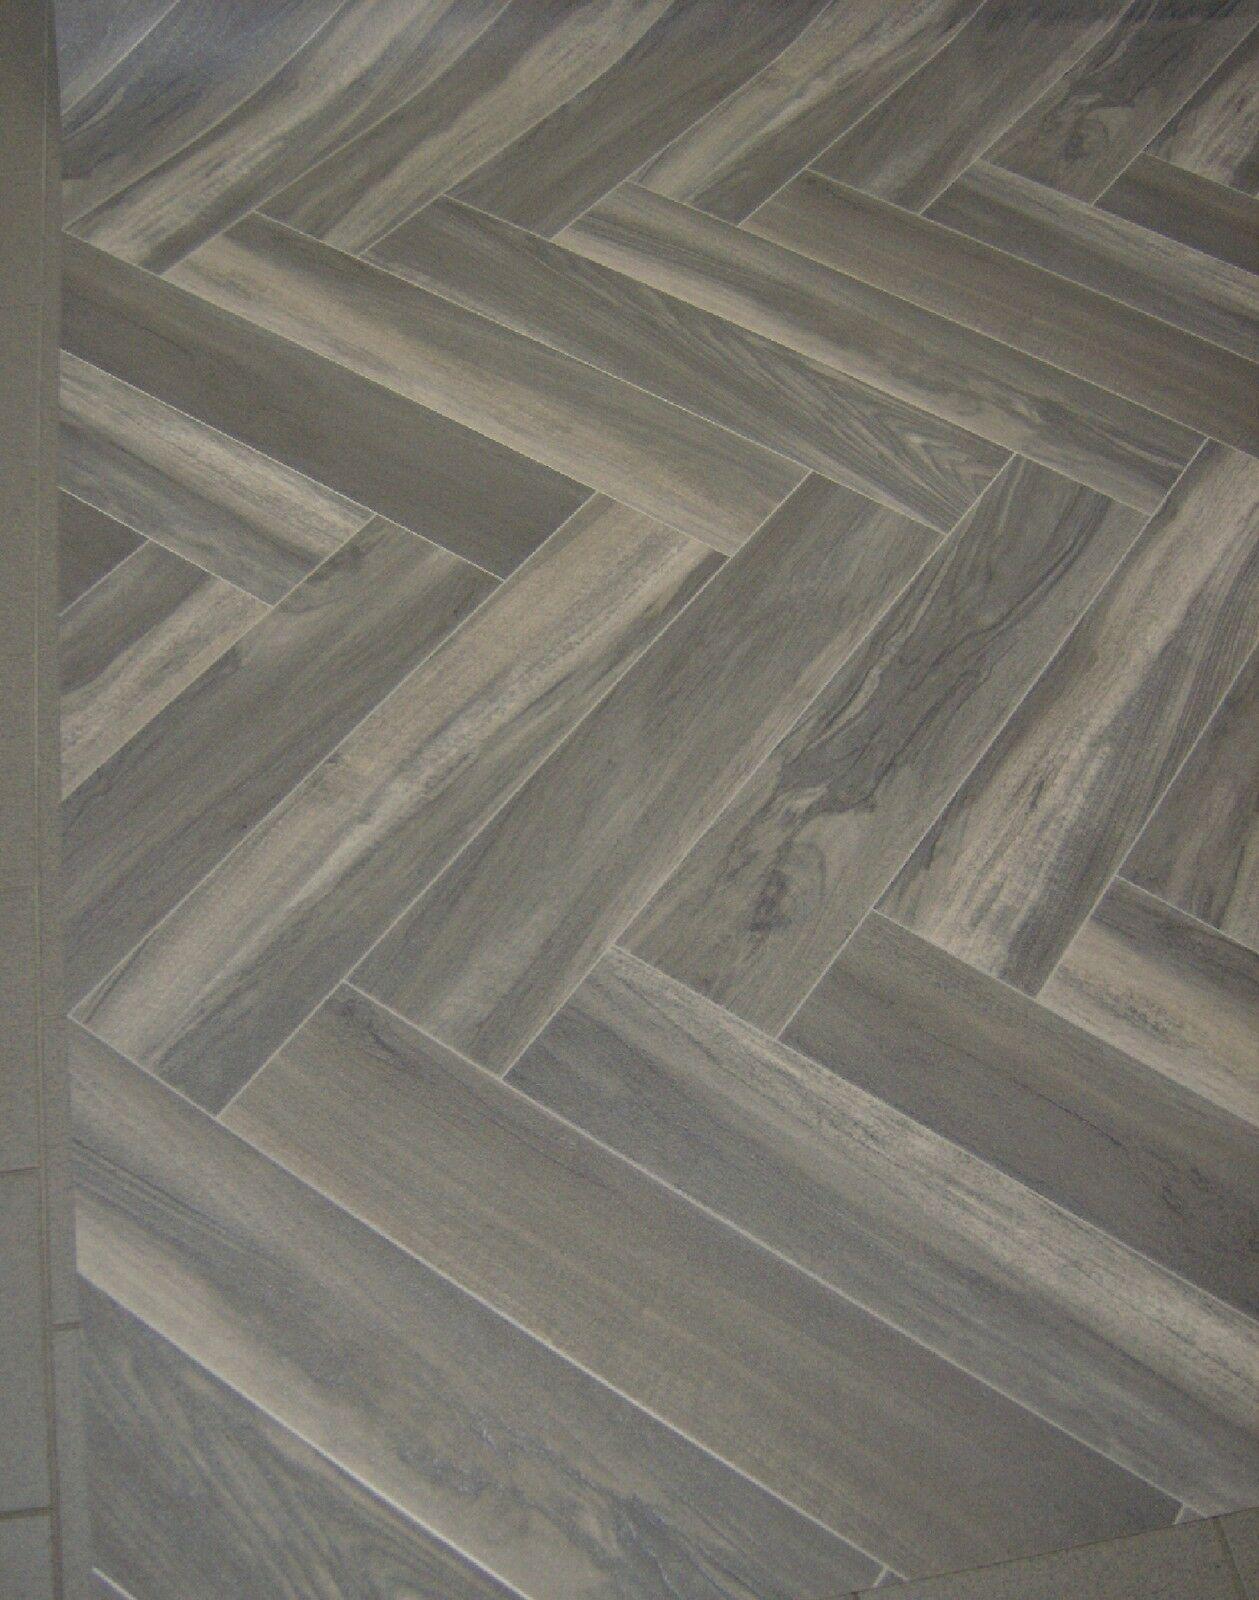 PVC Bodenbelag 130x400 Fischgrätparkett Grau Beige günstig online, mehr im Shop